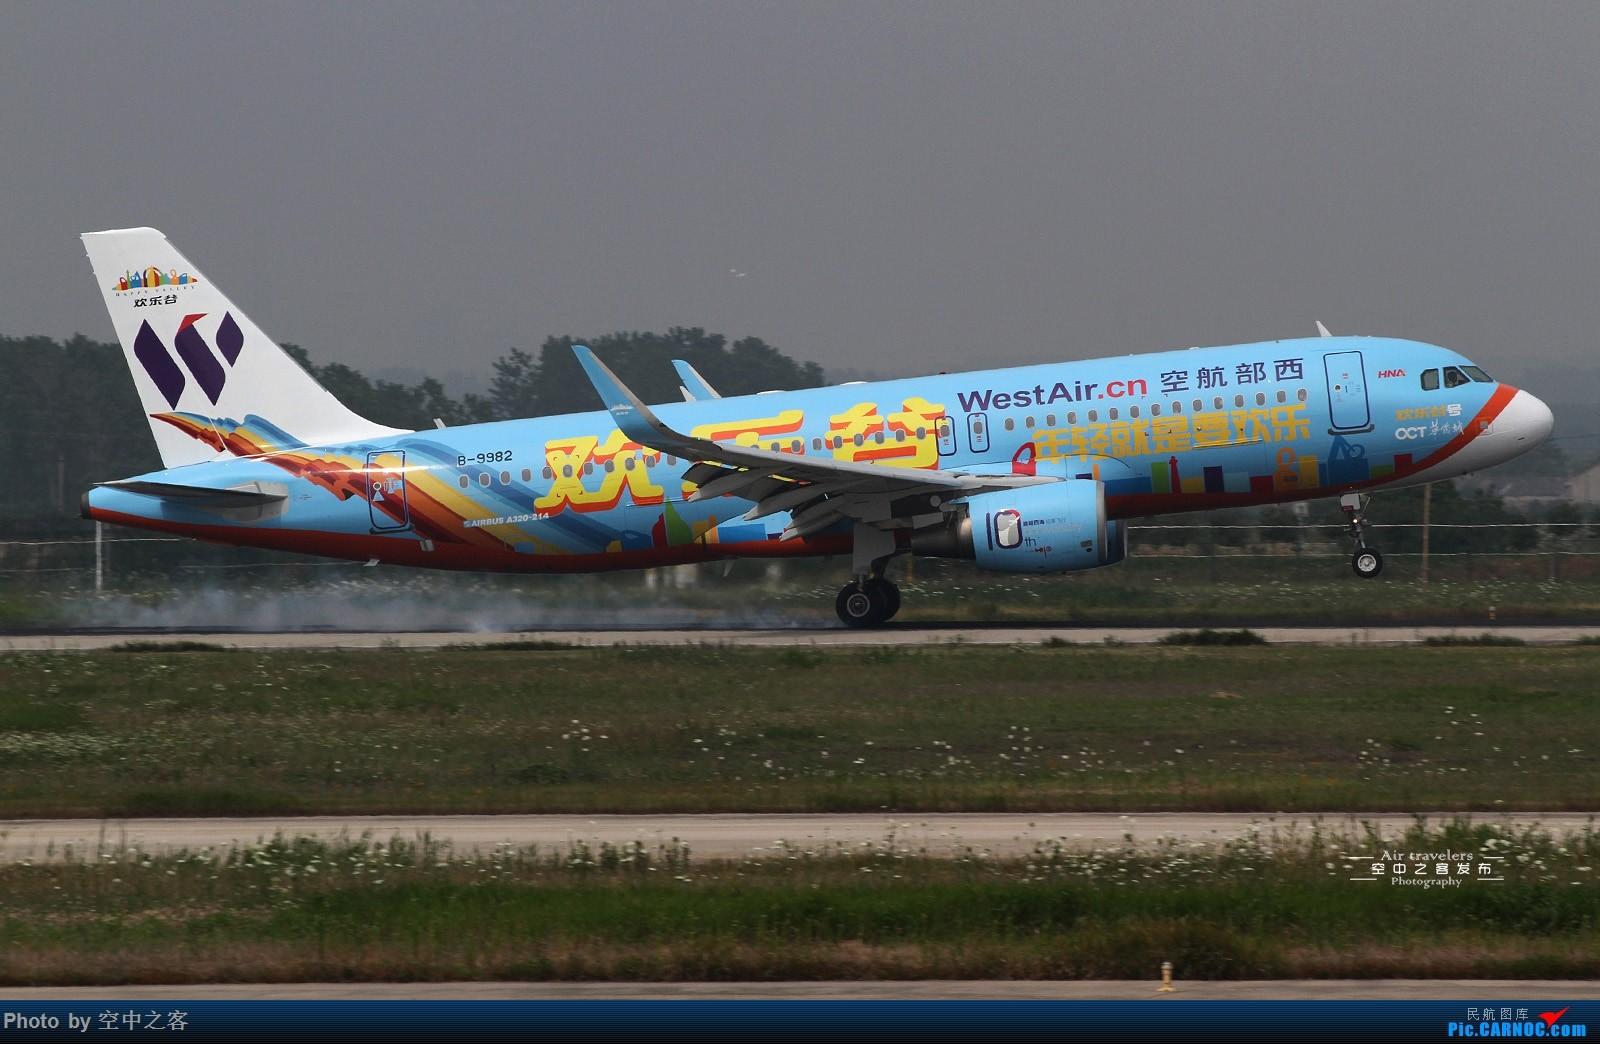 """[原创][合肥飞友会·霸都打机队]空中之客发布 """"欢乐谷""""新涂来了 小彩绘聚会新机场 AIRBUS A320-200 B-9982 合肥新桥国际机场"""